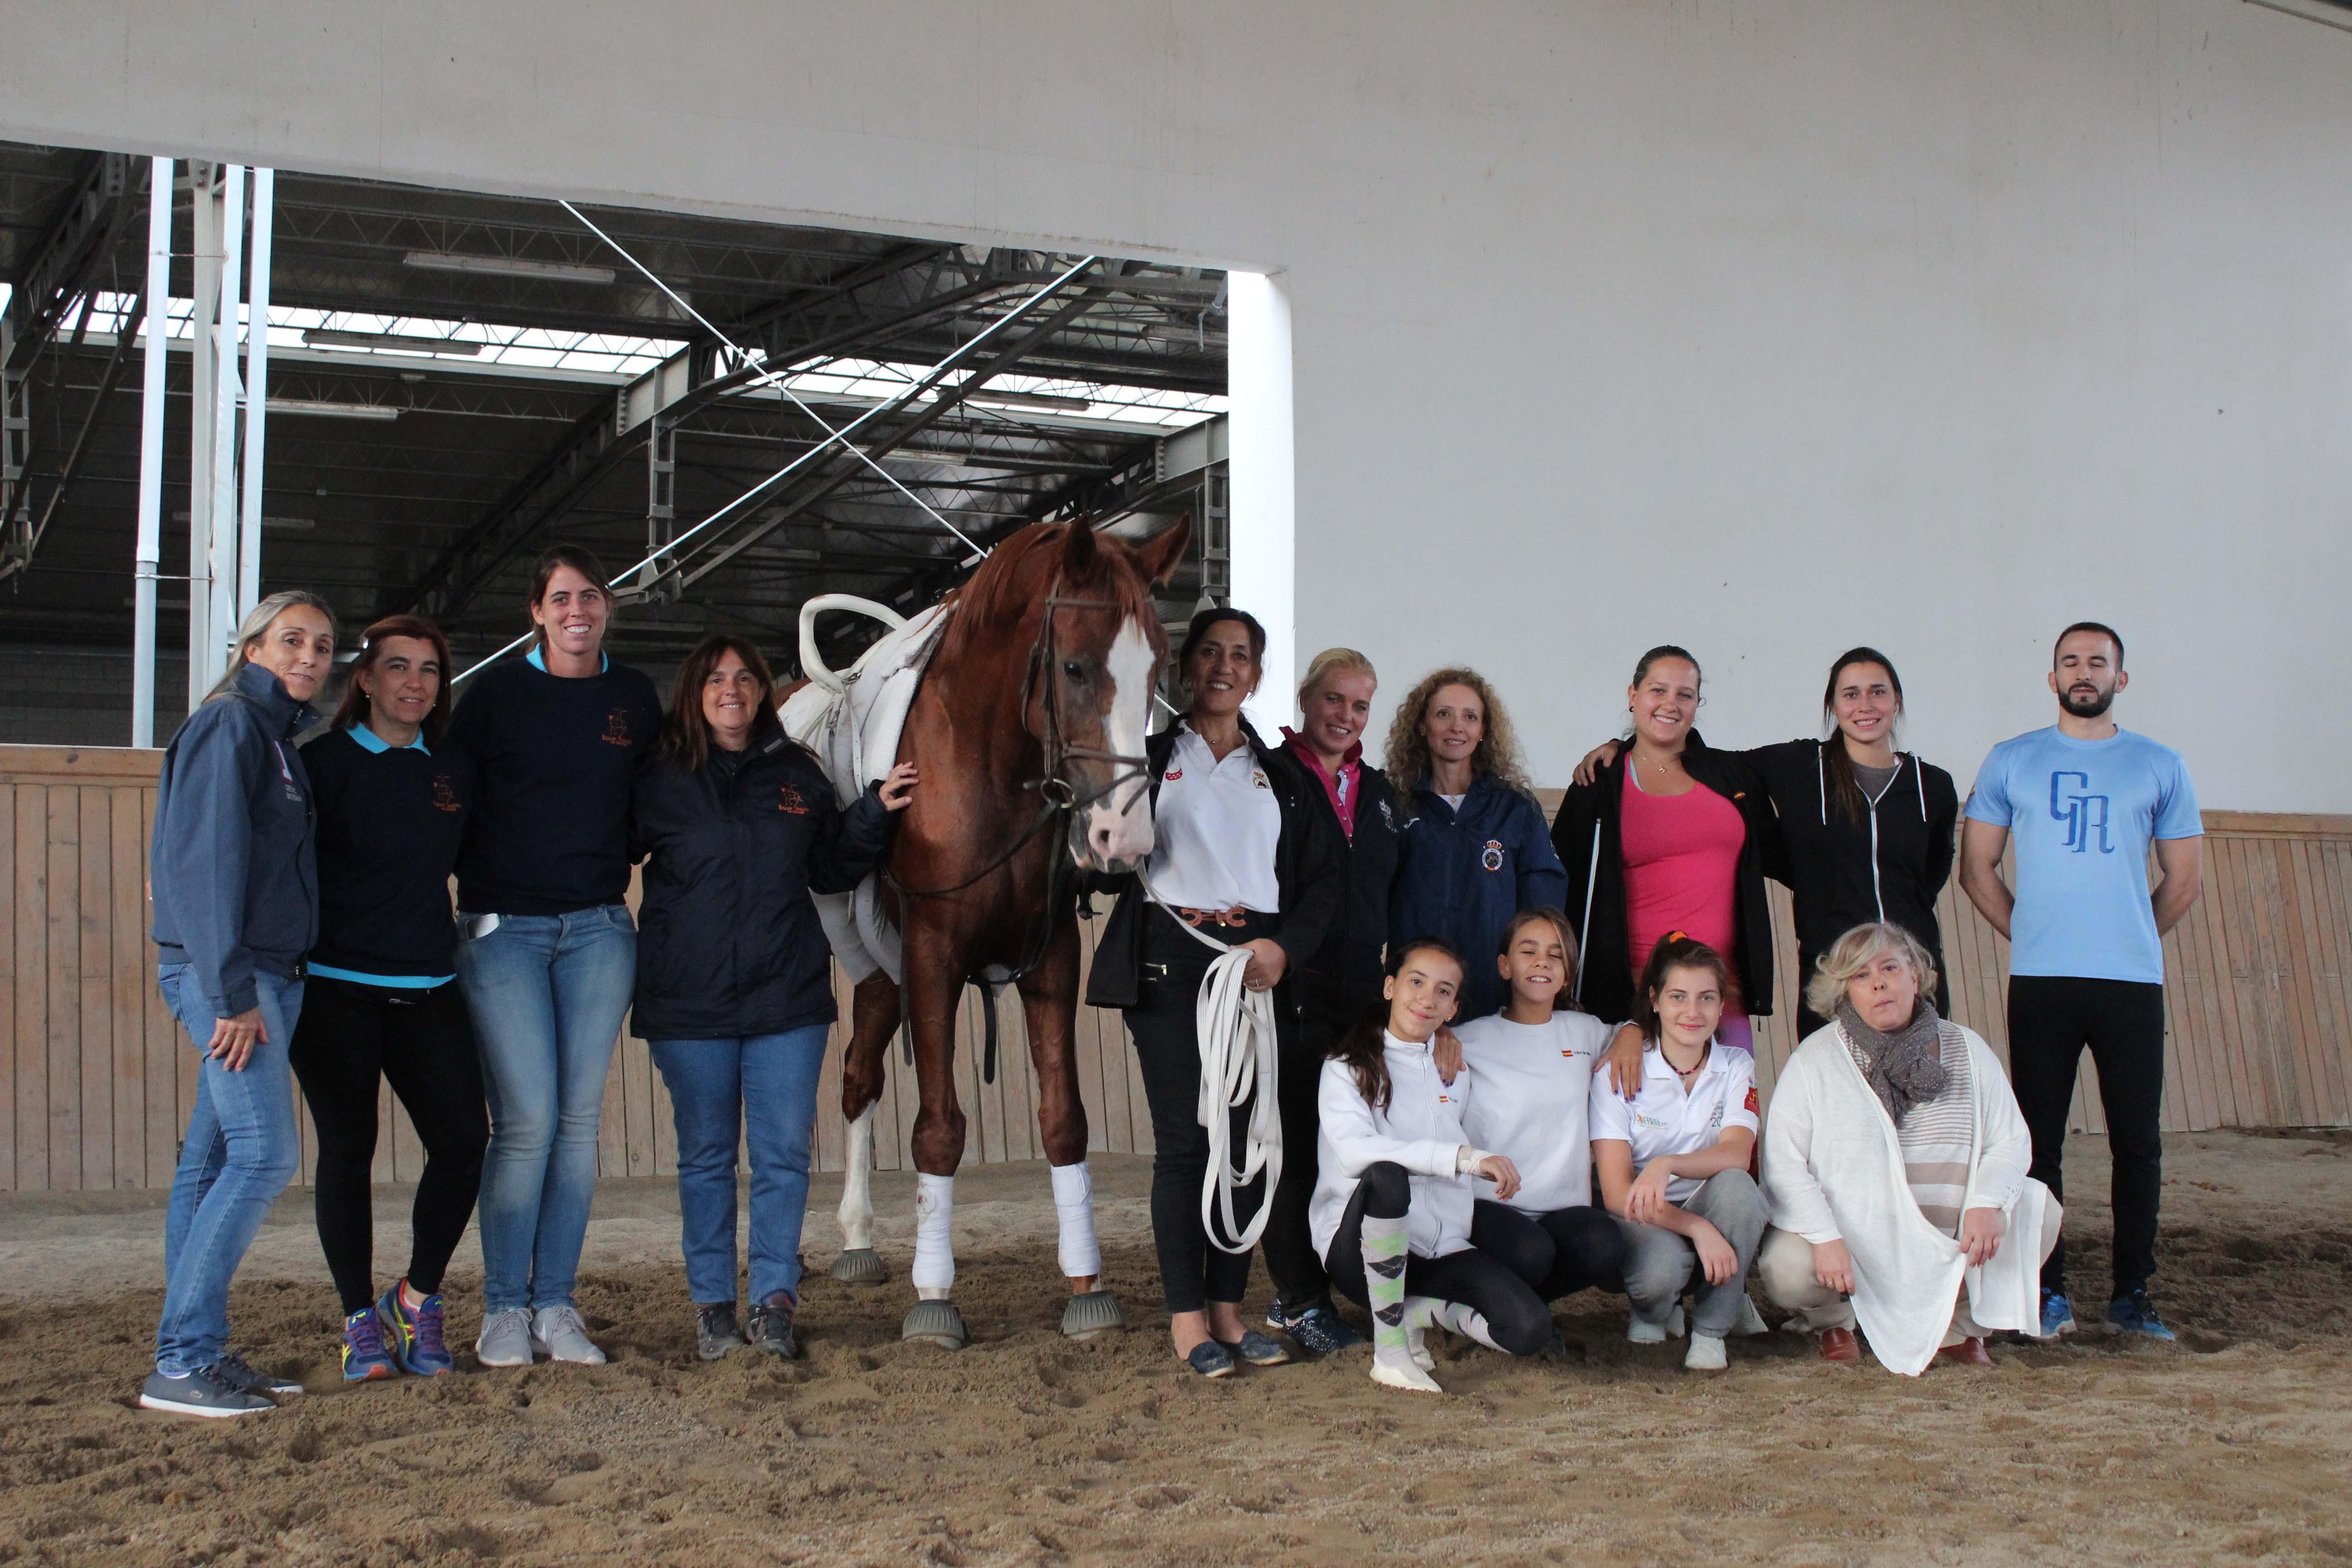 foto-grupo-con-el-caballo-limon-en-la-parte-practica